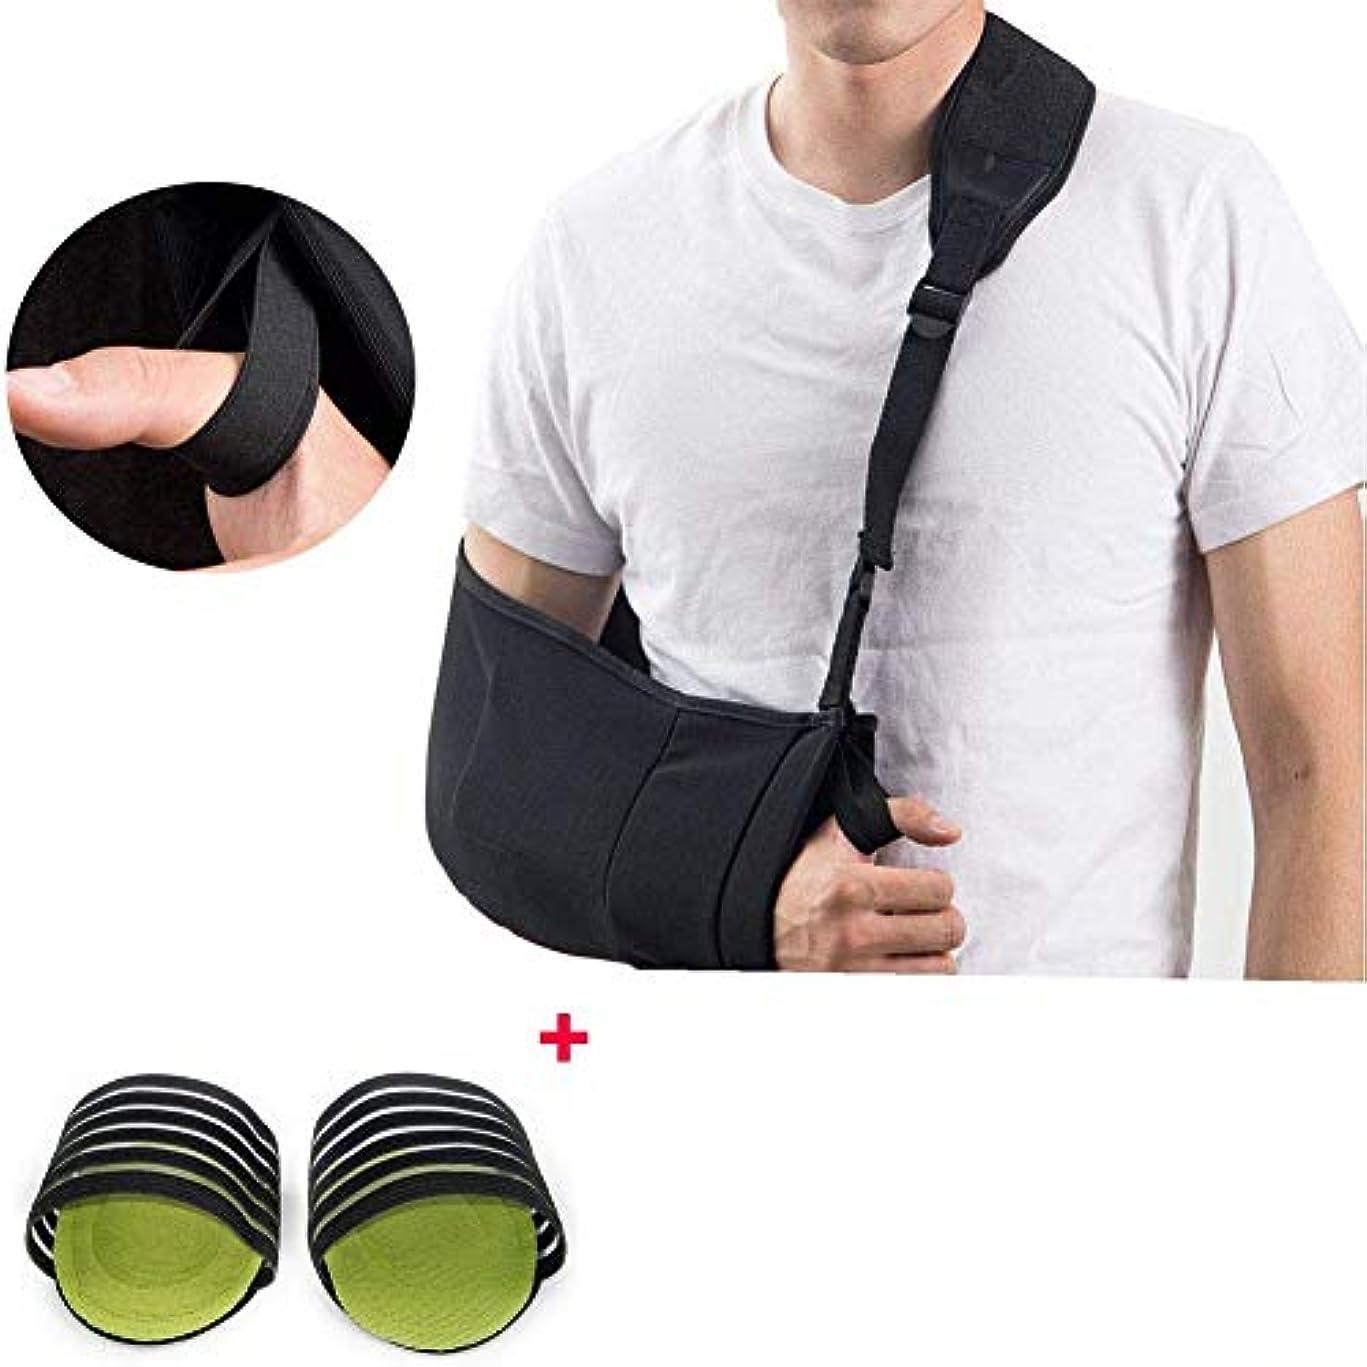 慣れている興奮する真実アームスリング、骨折した腕のイモビライザーメディカルサポート左右の肘の腕の骨折、足サポートパッド付き